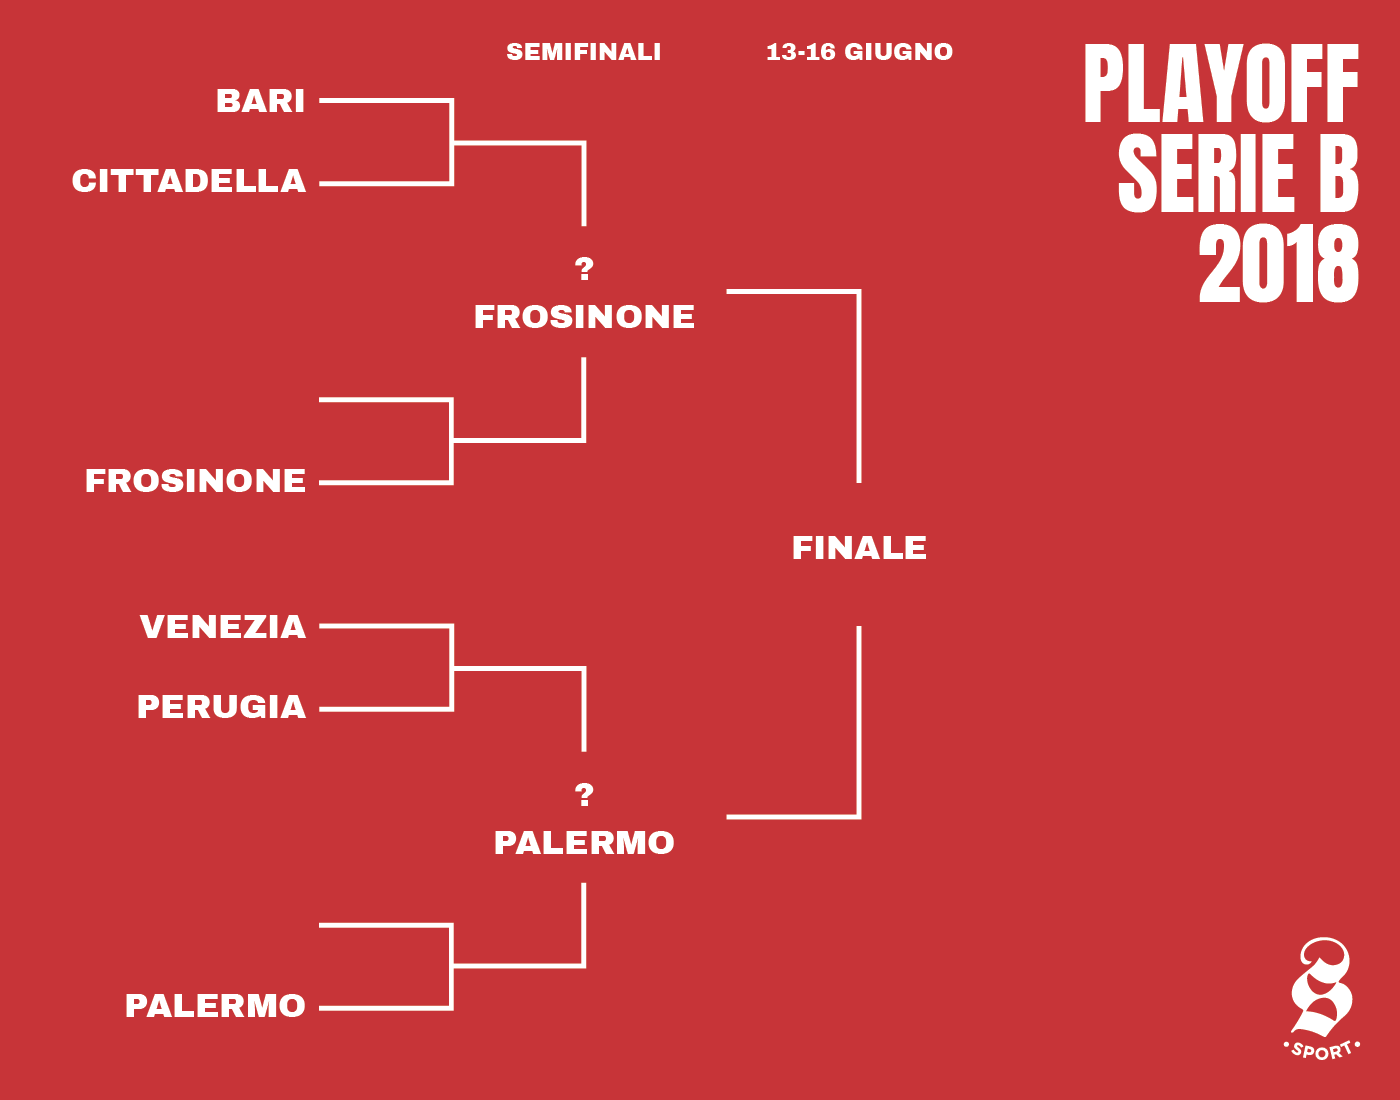 Calendario Play Off Serie B.C E Un Problema Con I Playoff Di Serie B Il Post